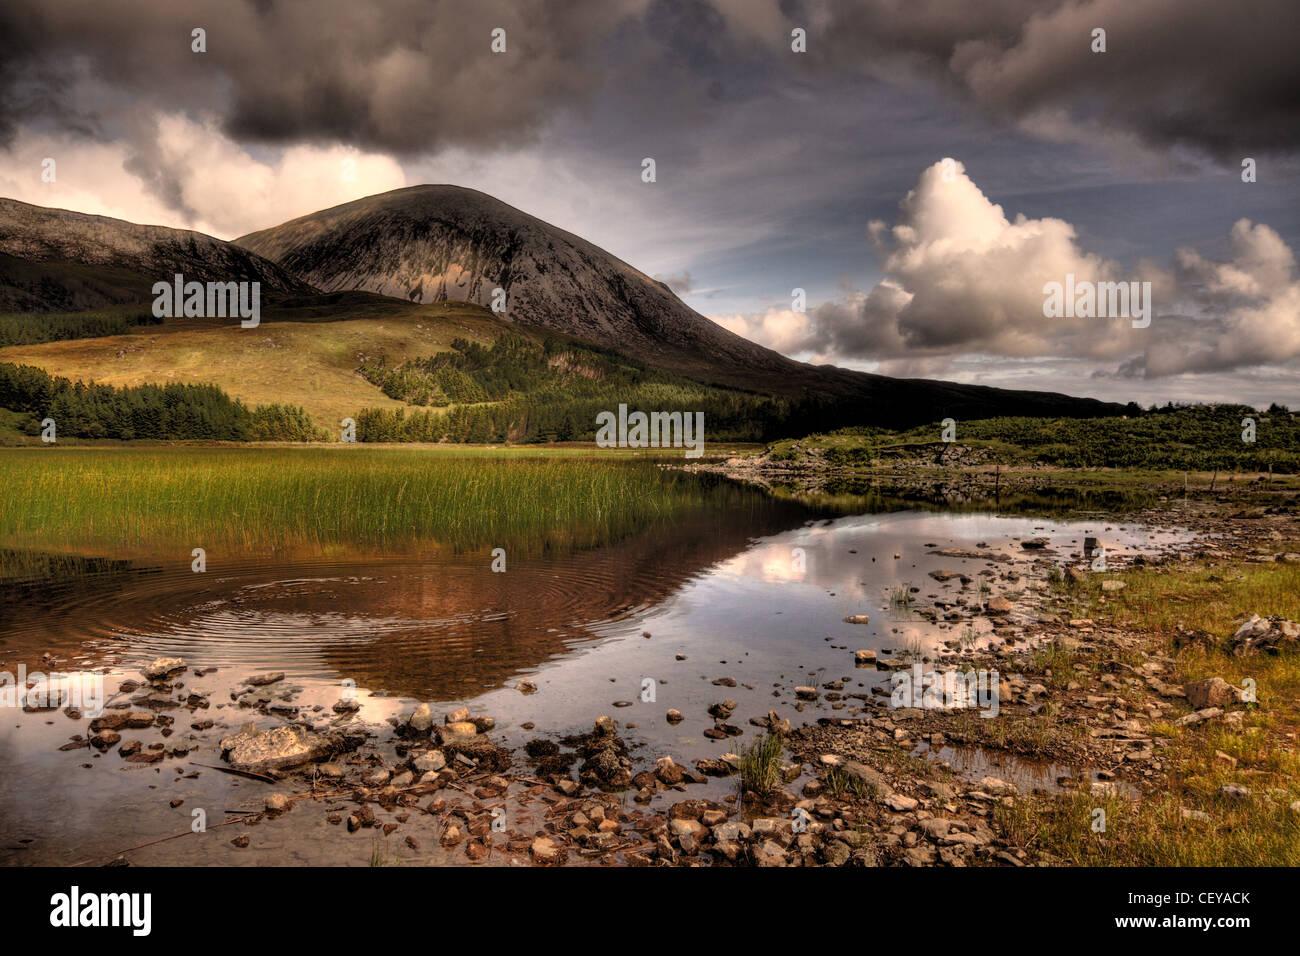 Laden Sie dieses Alamy Stockfoto Straße nach Elgol, Isle Of Skye, Schottland - CEYACK